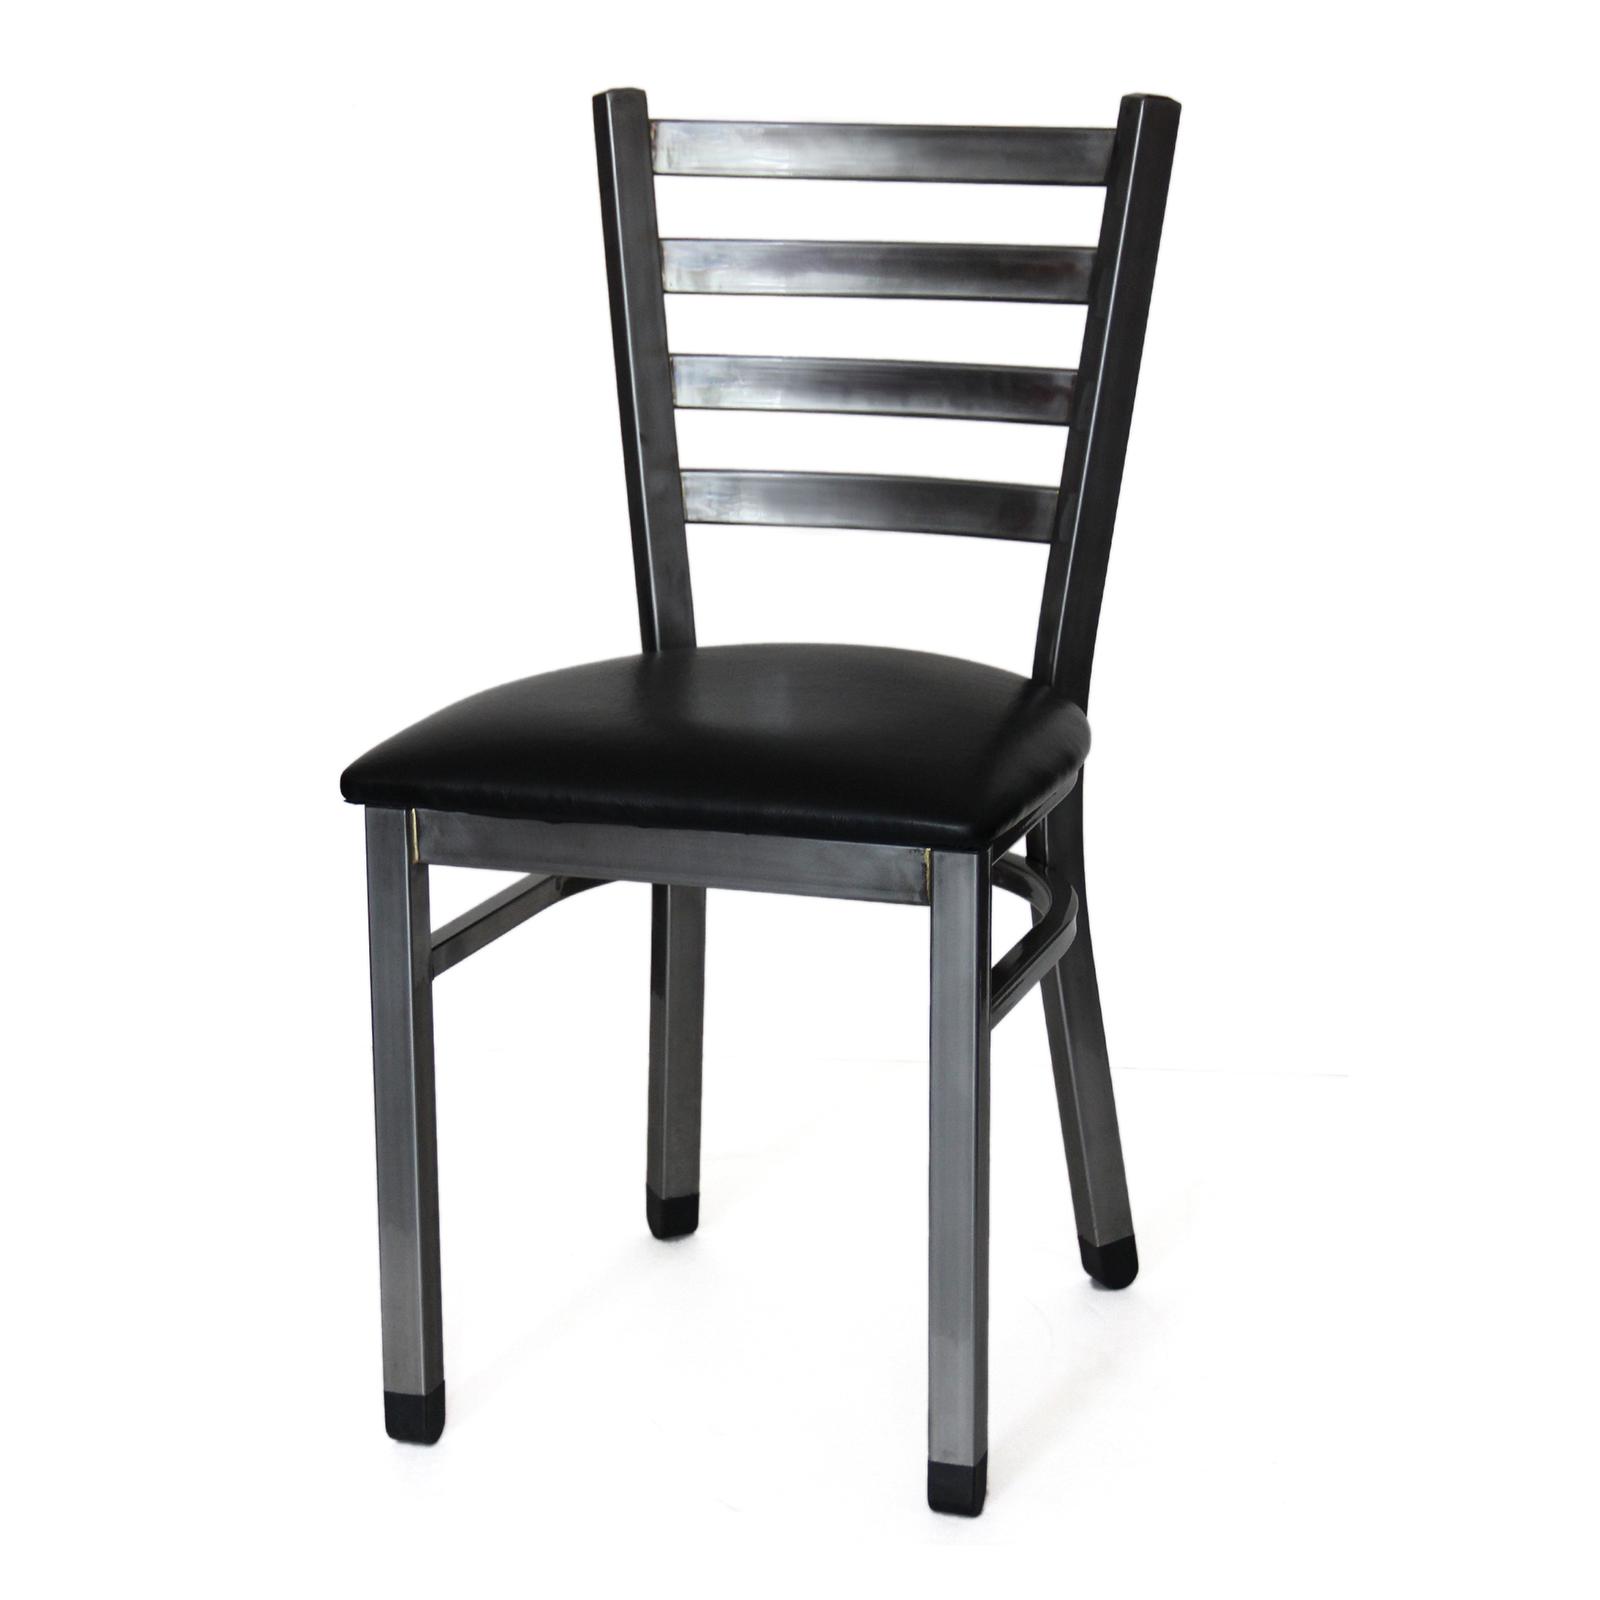 BK Resources BK-MLSC-CL-V chair, side, indoor